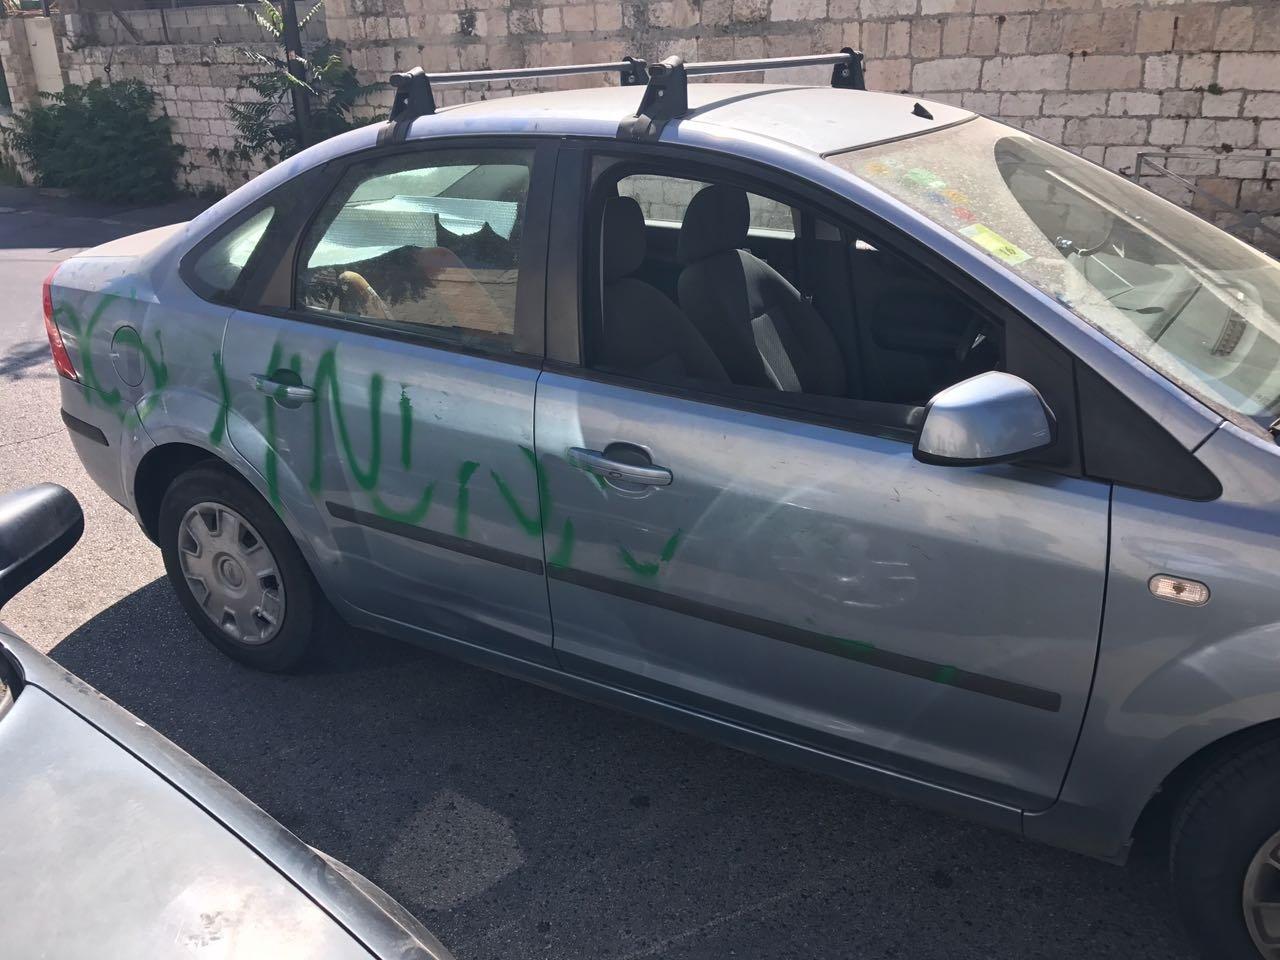 القدس: اعطاب اطارات مركبات وكتابات معادية للعرب